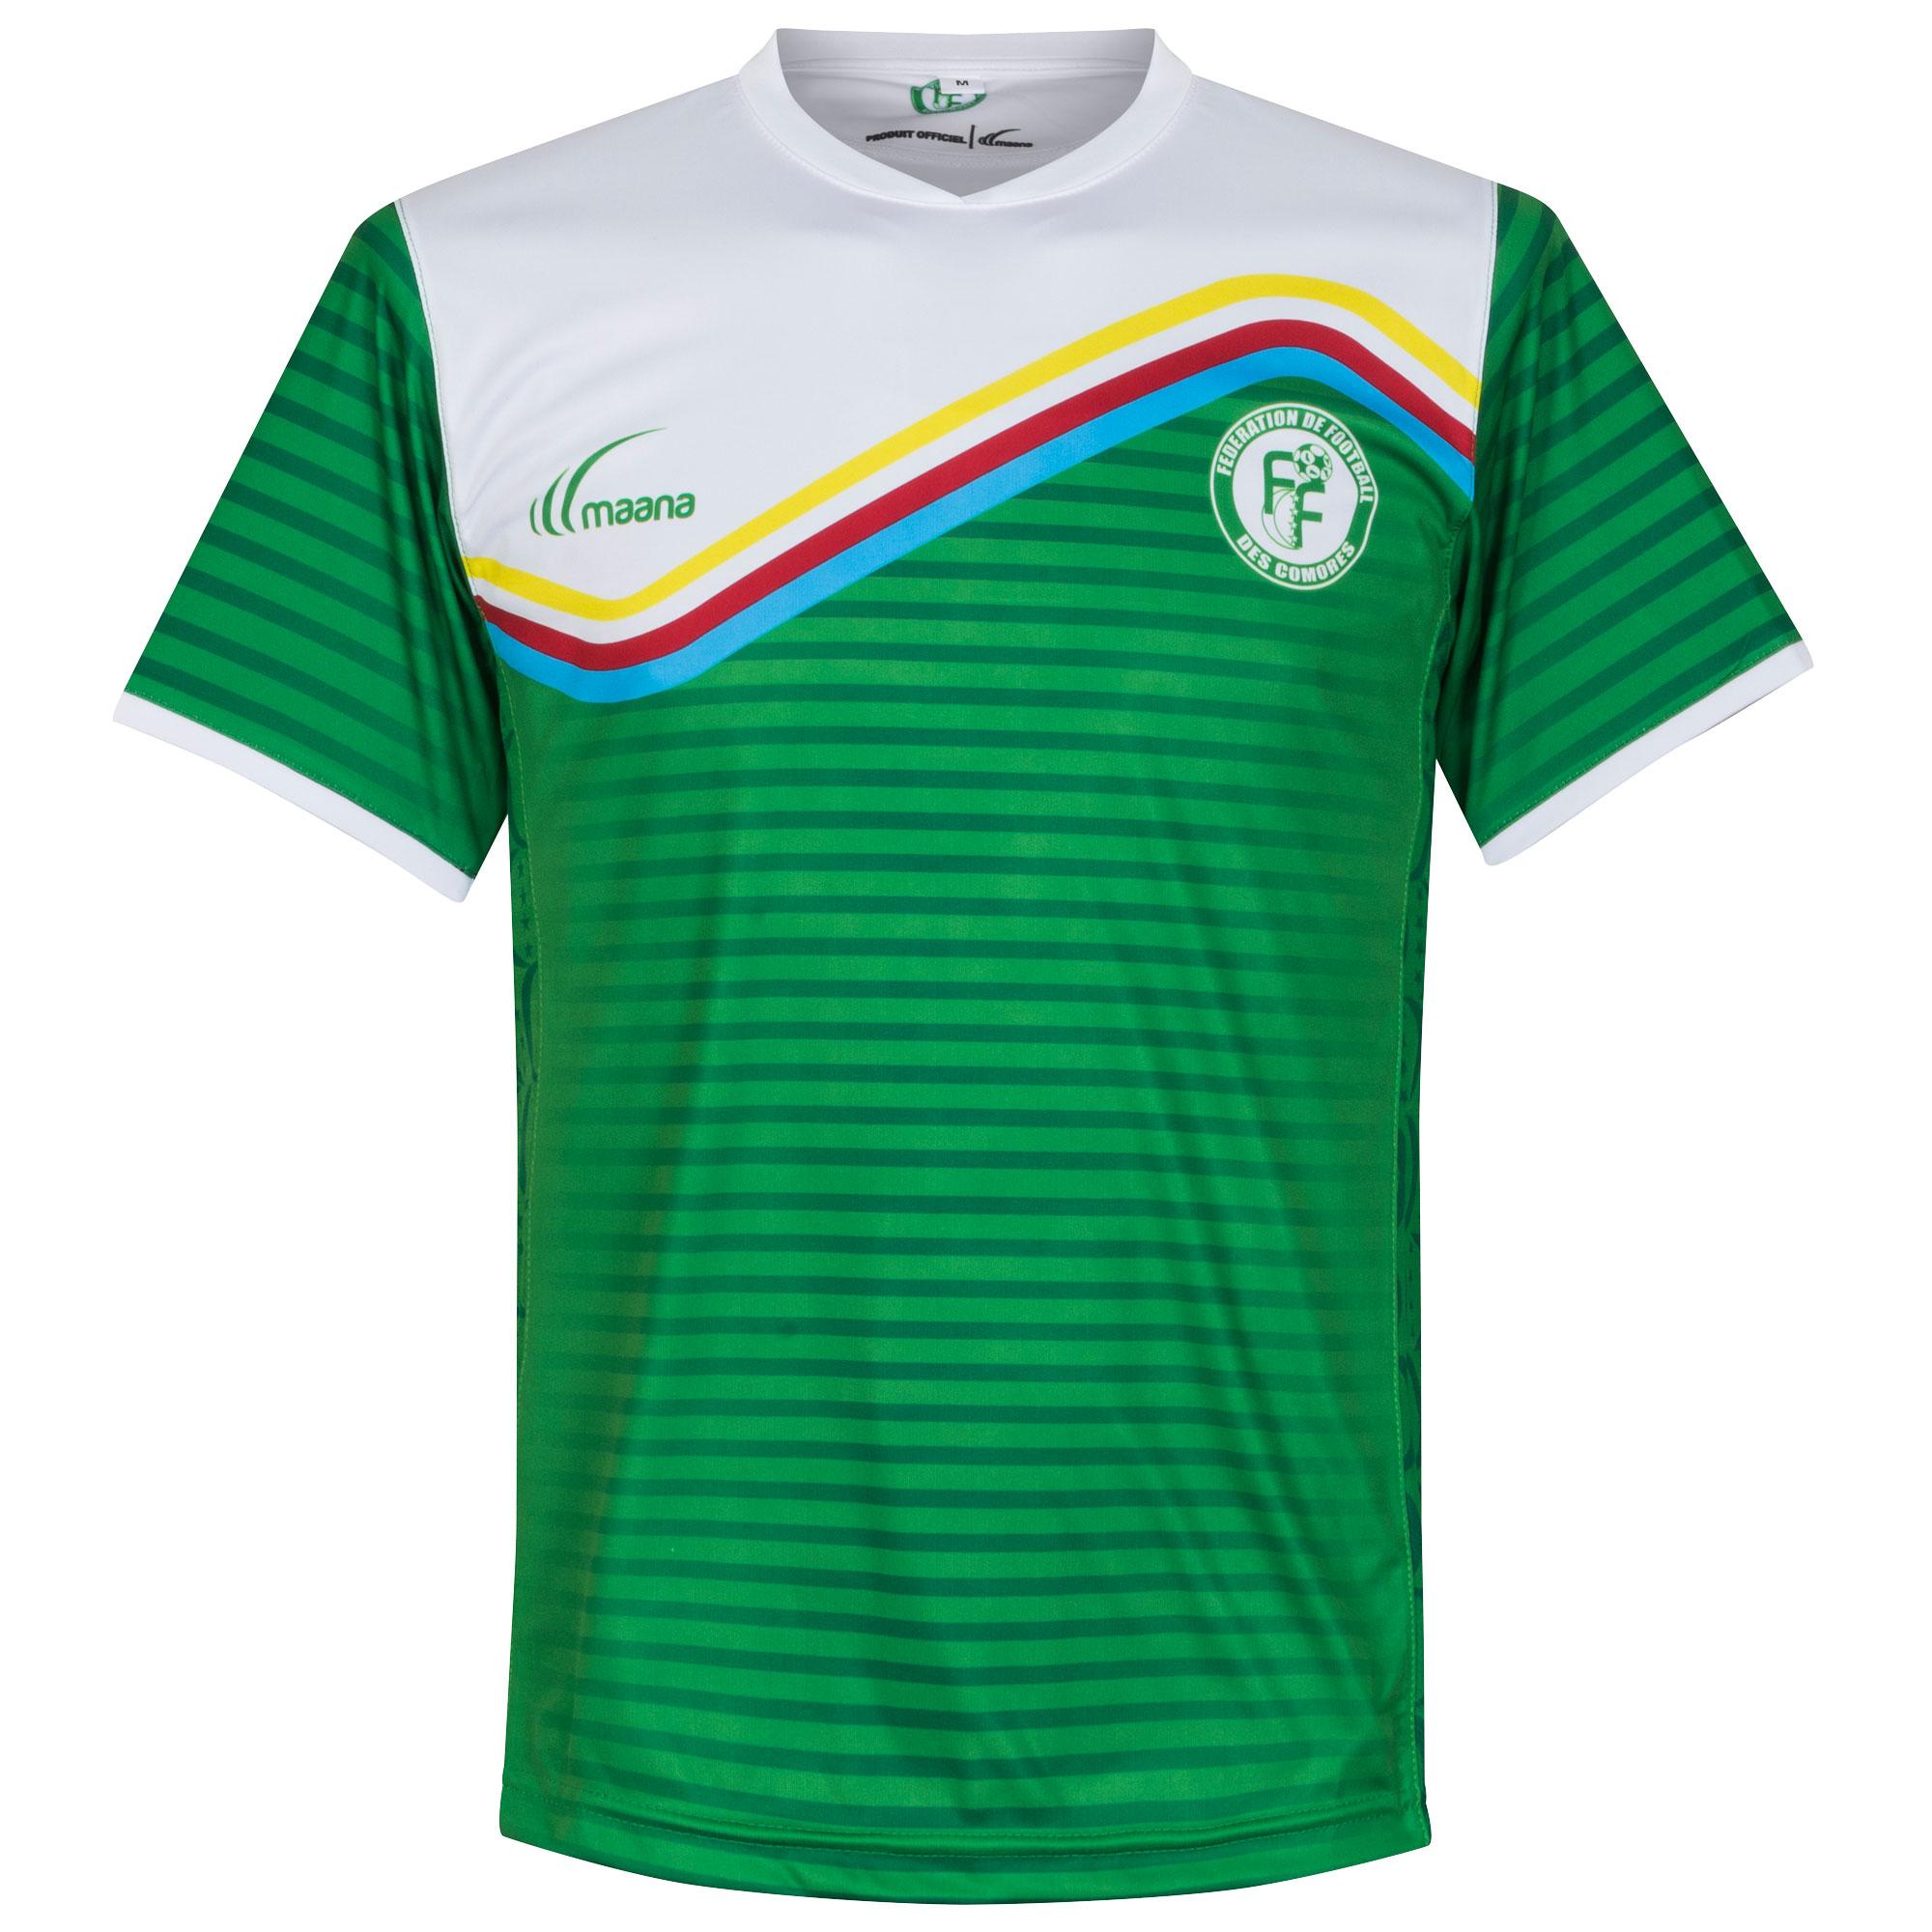 Comoros Islands National Team Home Shirt 2016 2017 - XL